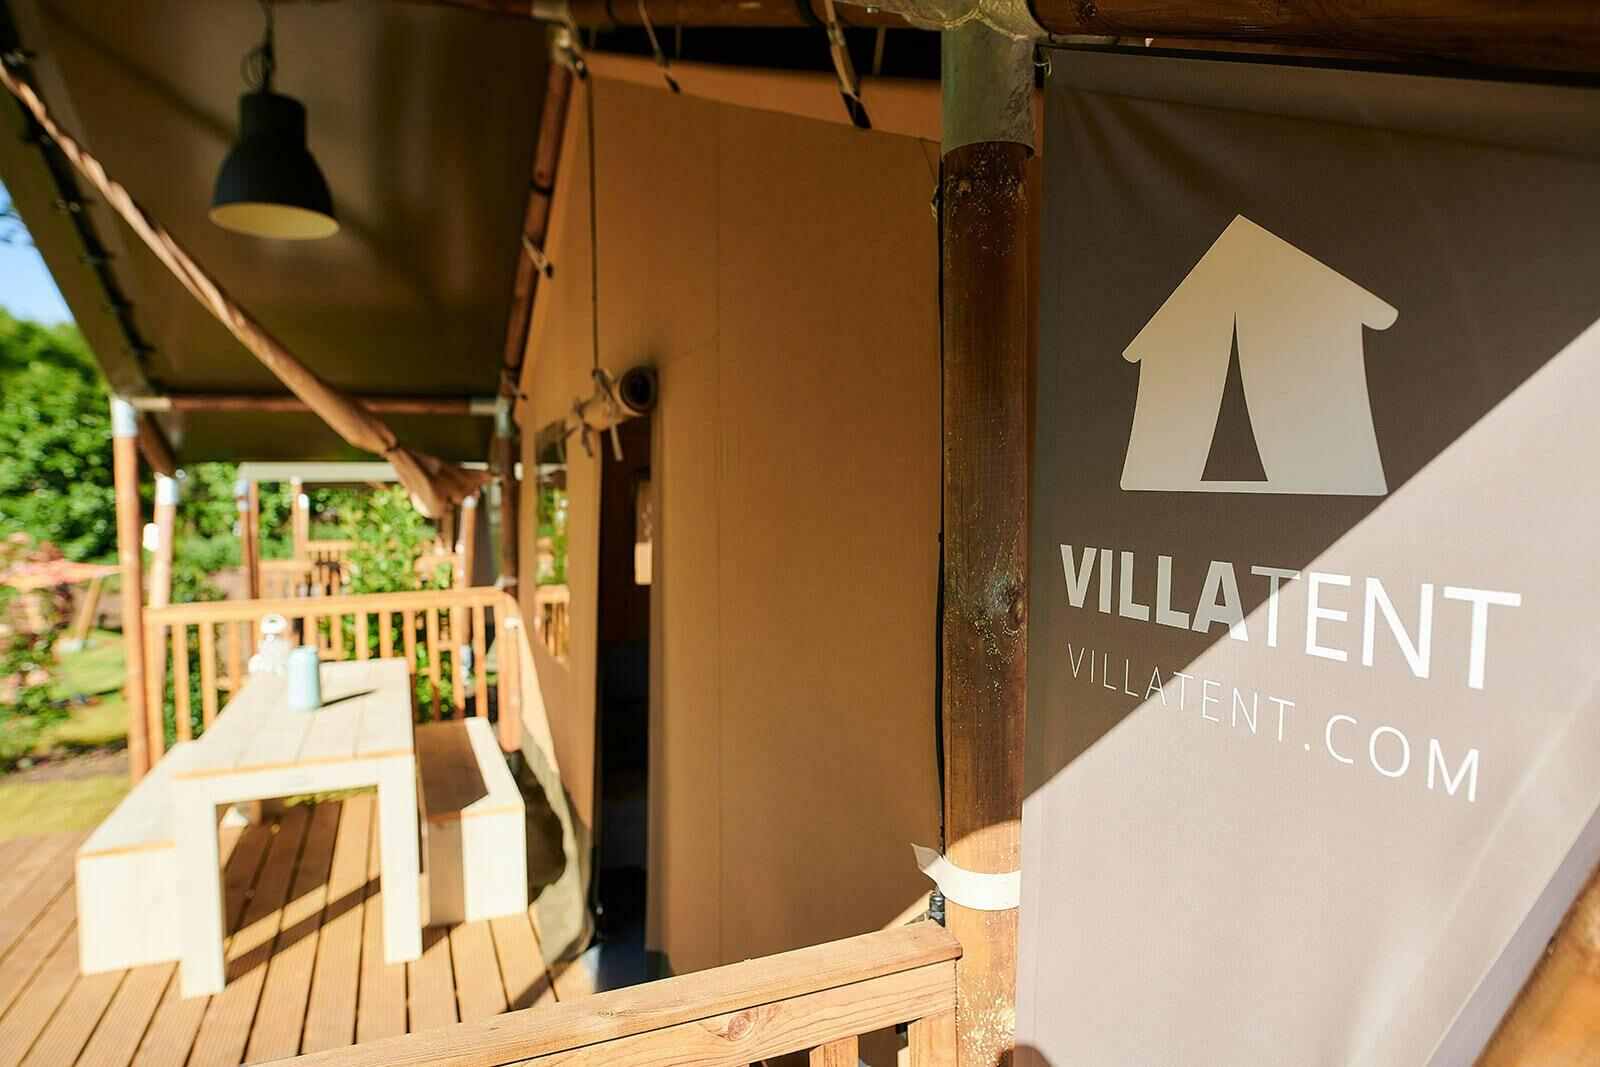 De IJsvogel | Villatent XL met sanitair | 4 tot 6 pers.